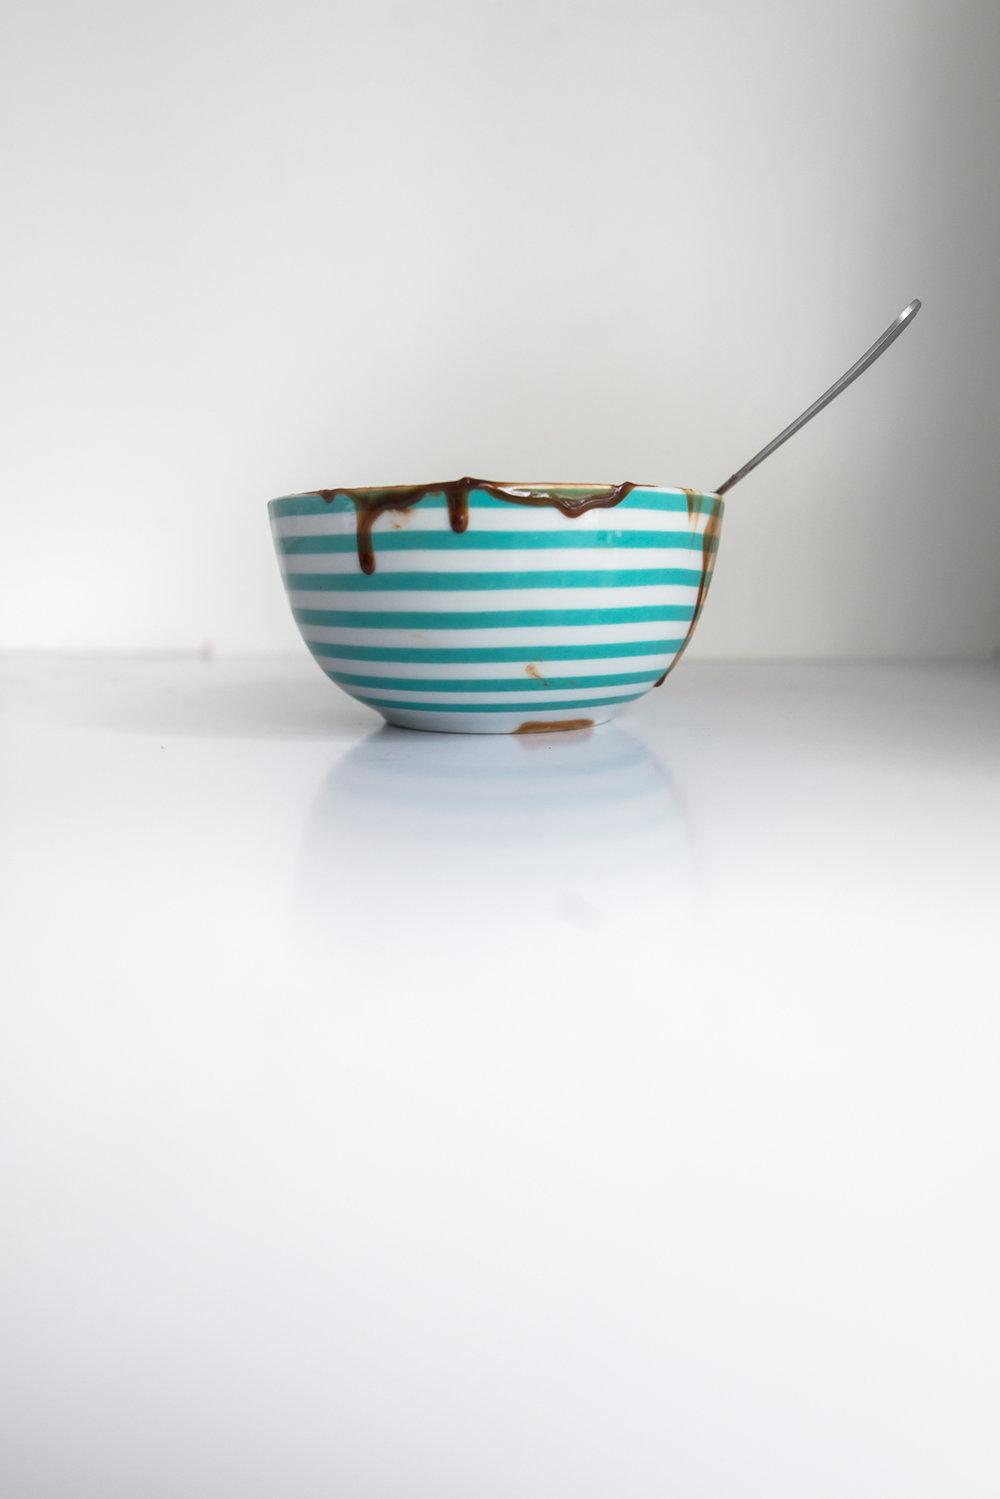 bowlofmeltedchocolate